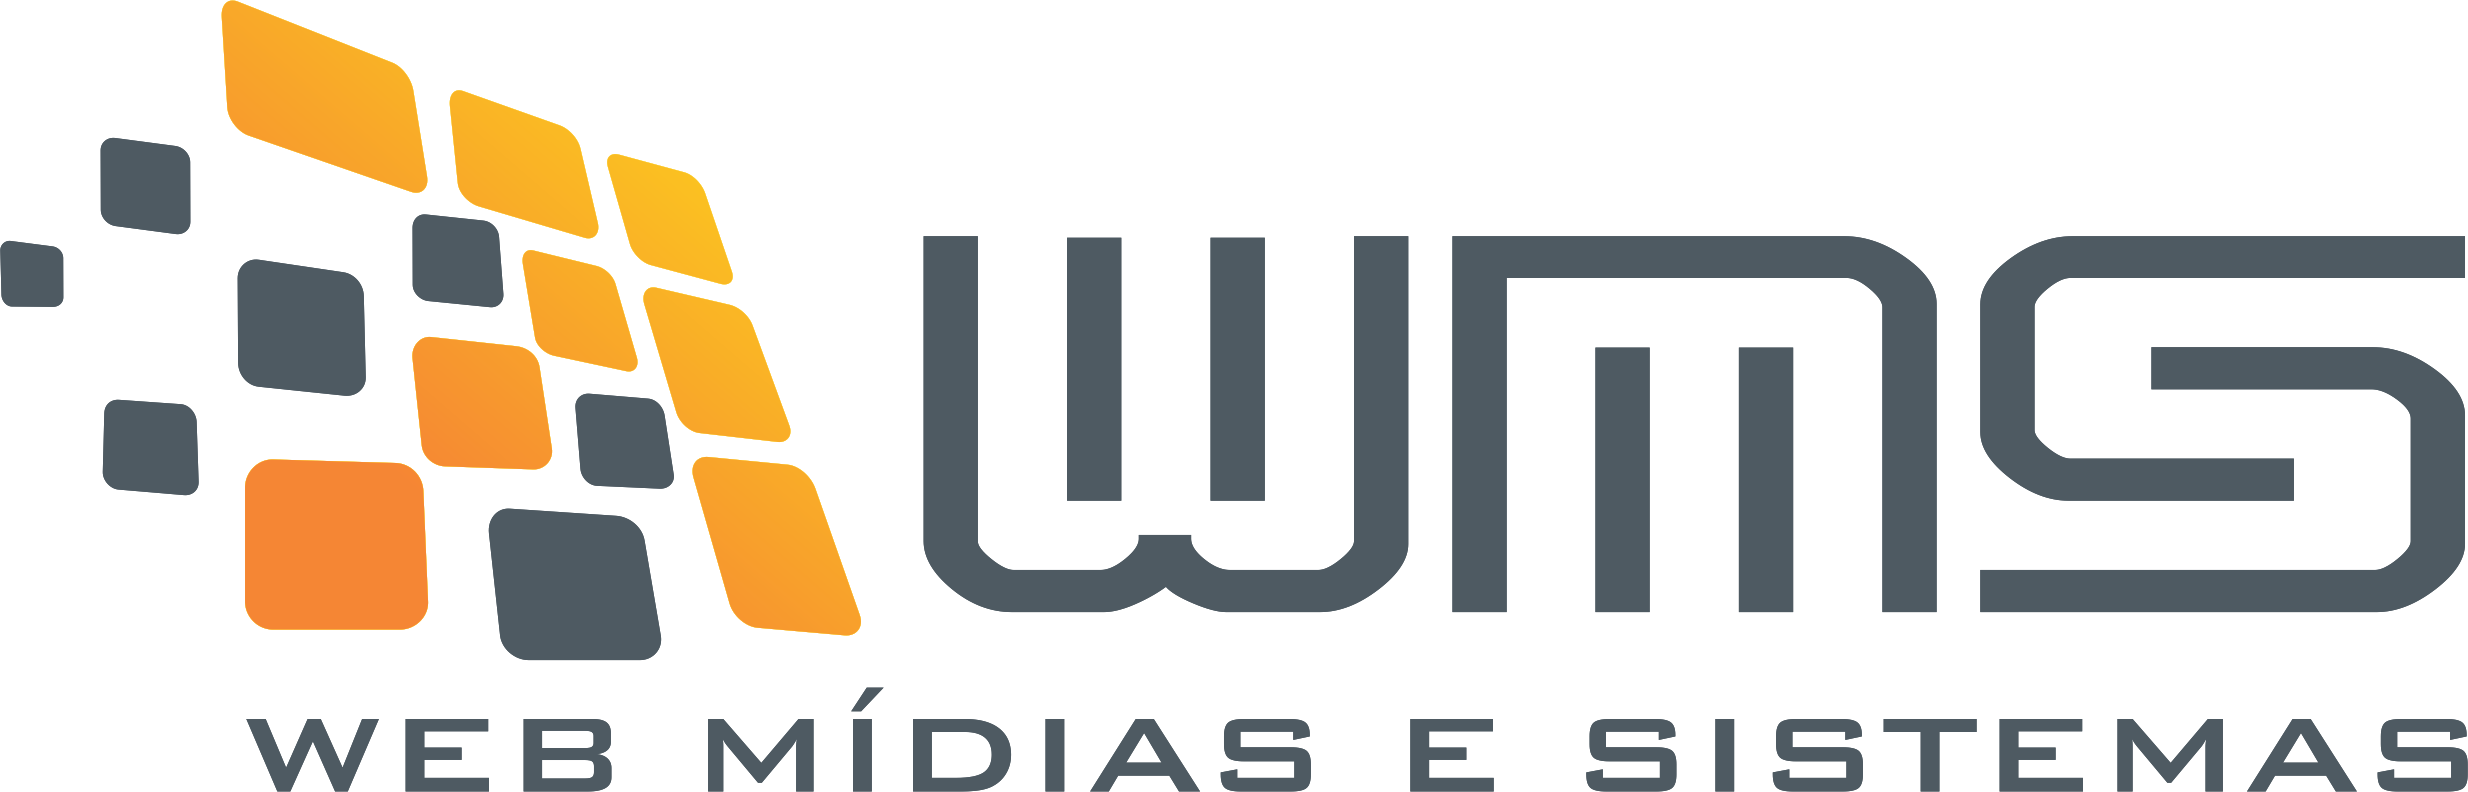 Web Mídias e Sistemas